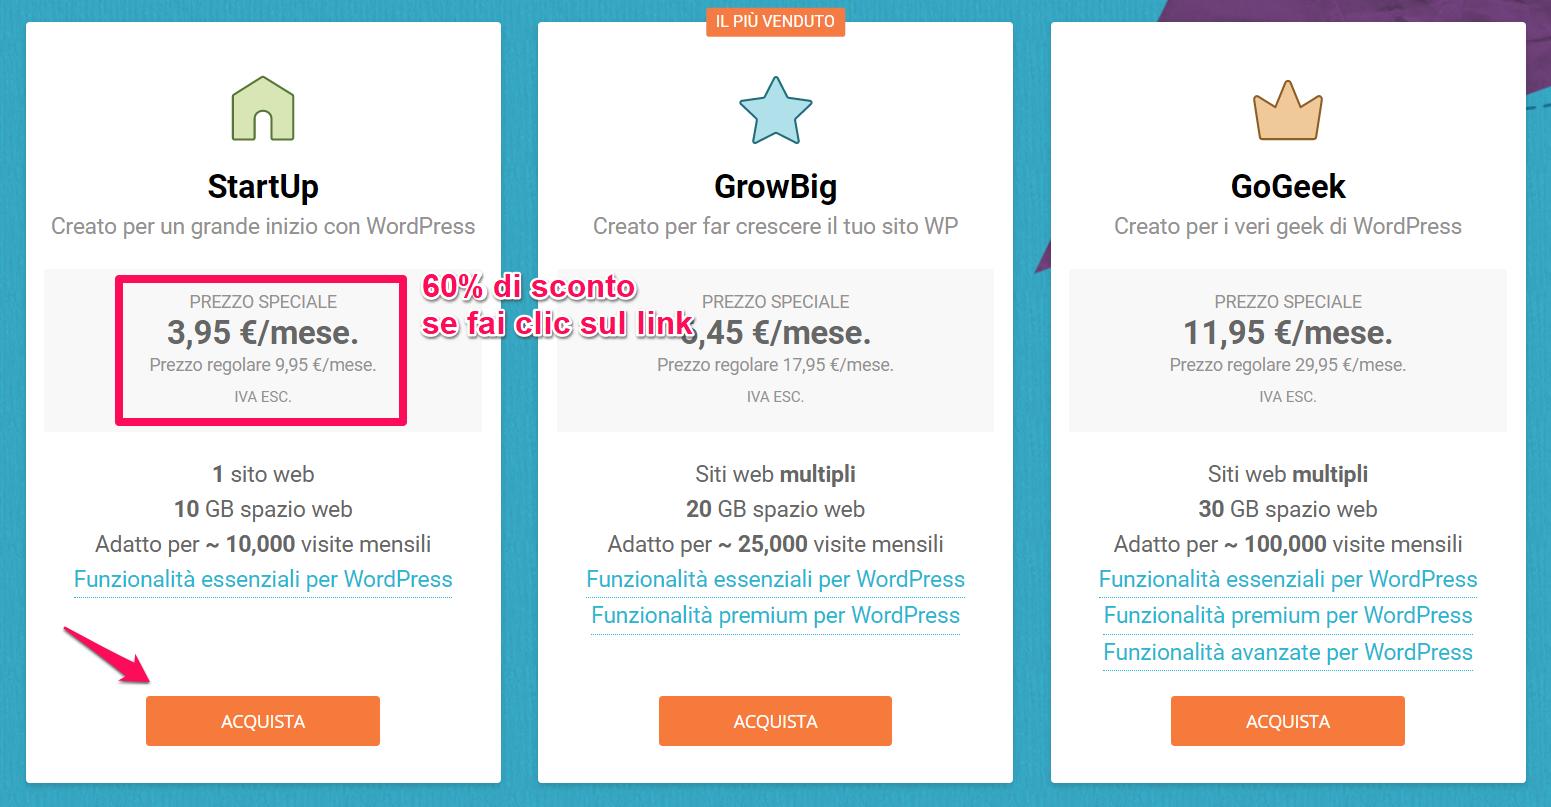 come creare un blog piano startup